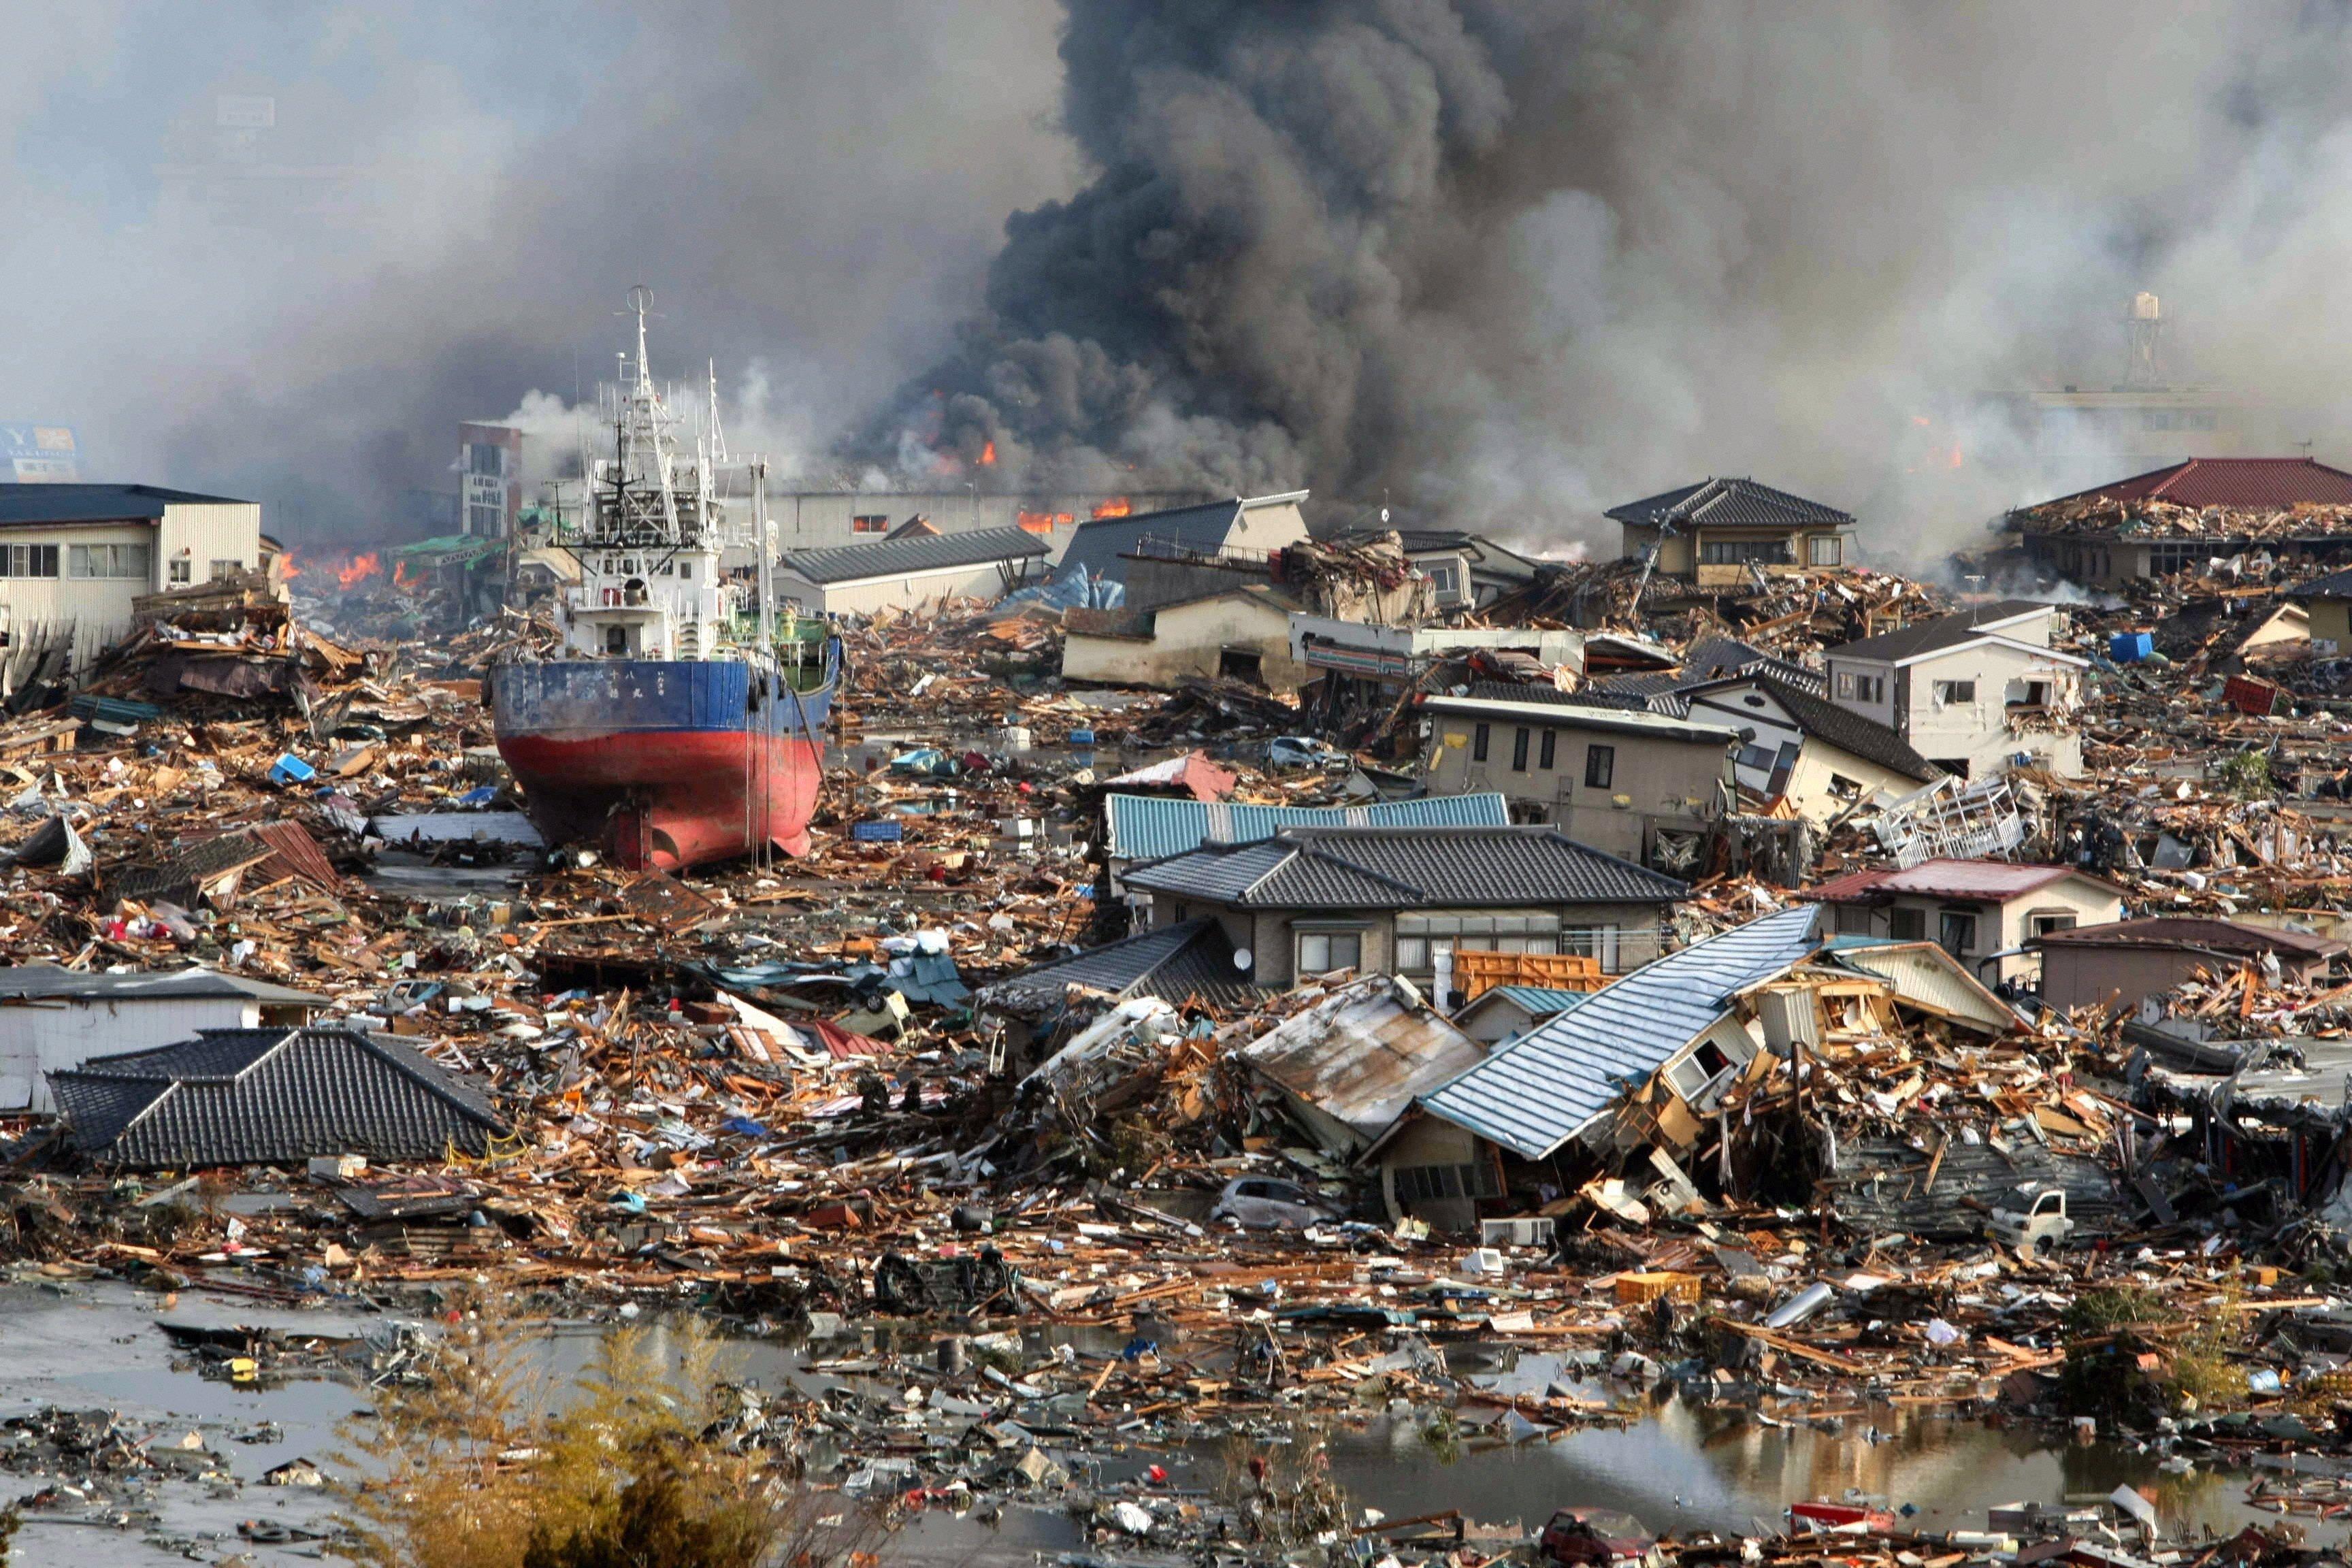 Die zerstörte KüstenstadtKisenuma nach dem japanischen Tsunami am 11. März 2011: Mit neuen Techniken wollen japanische Forscher den Verlauf von Tsunami-Wellen besser vorhersagen.